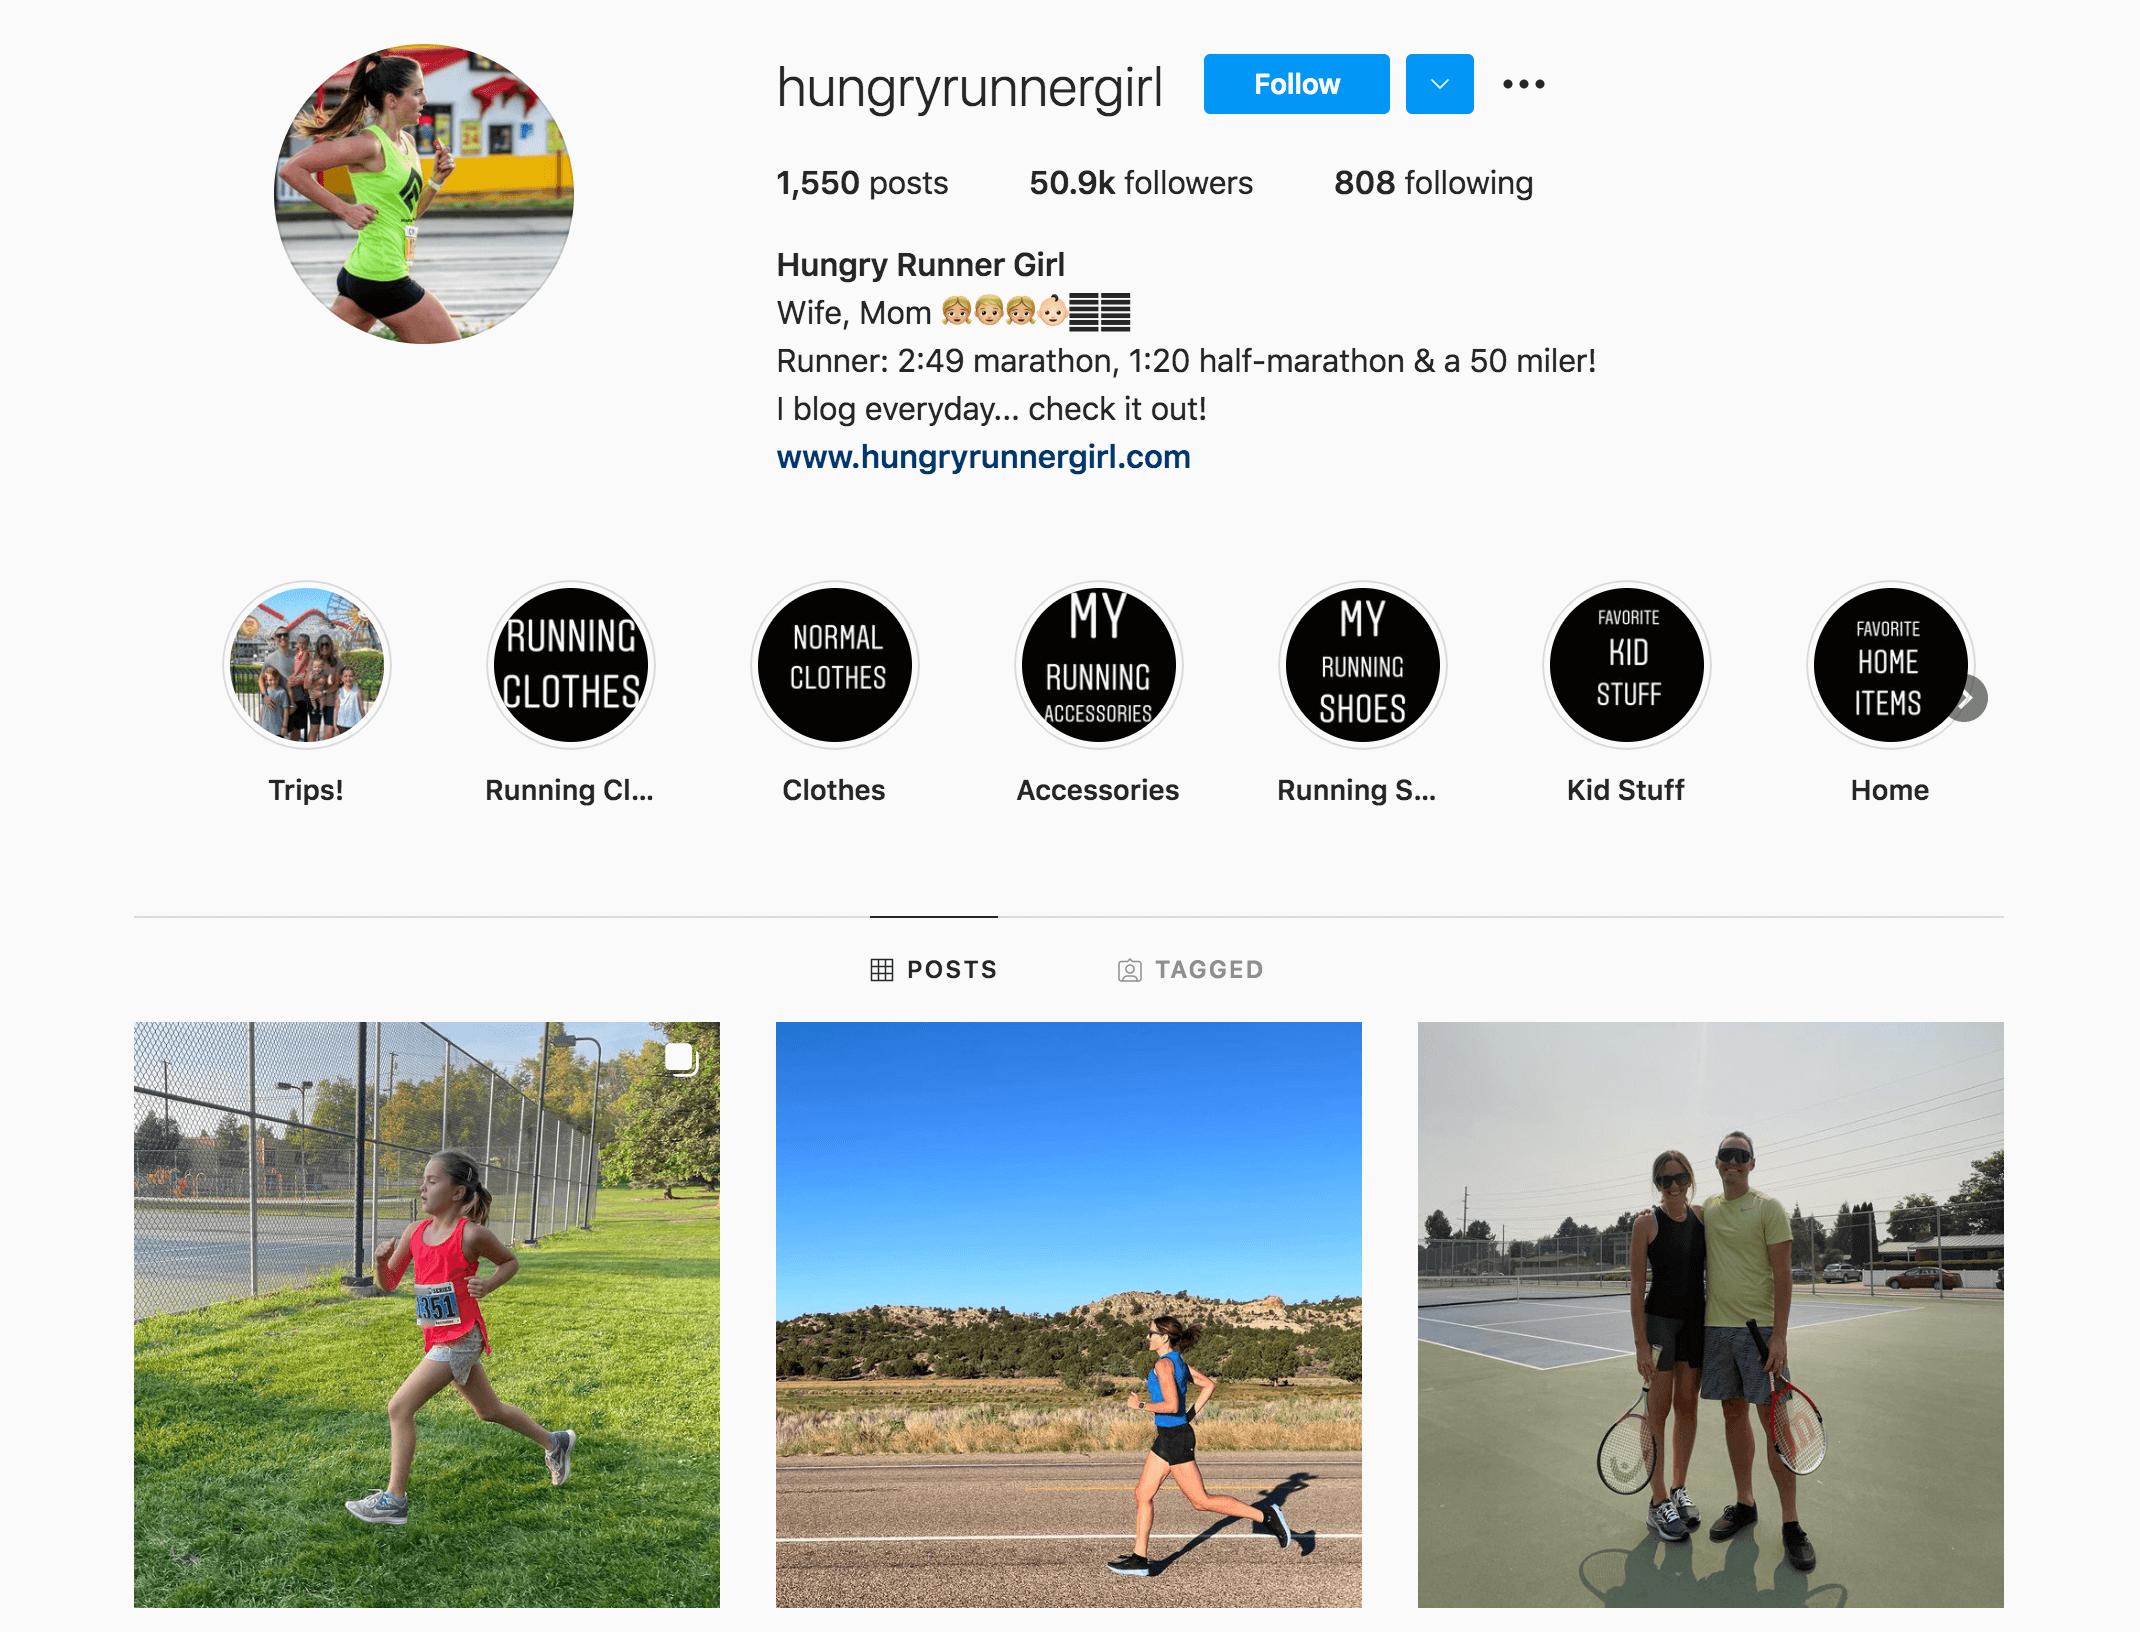 Hungry Runner Girl Instagram Profile